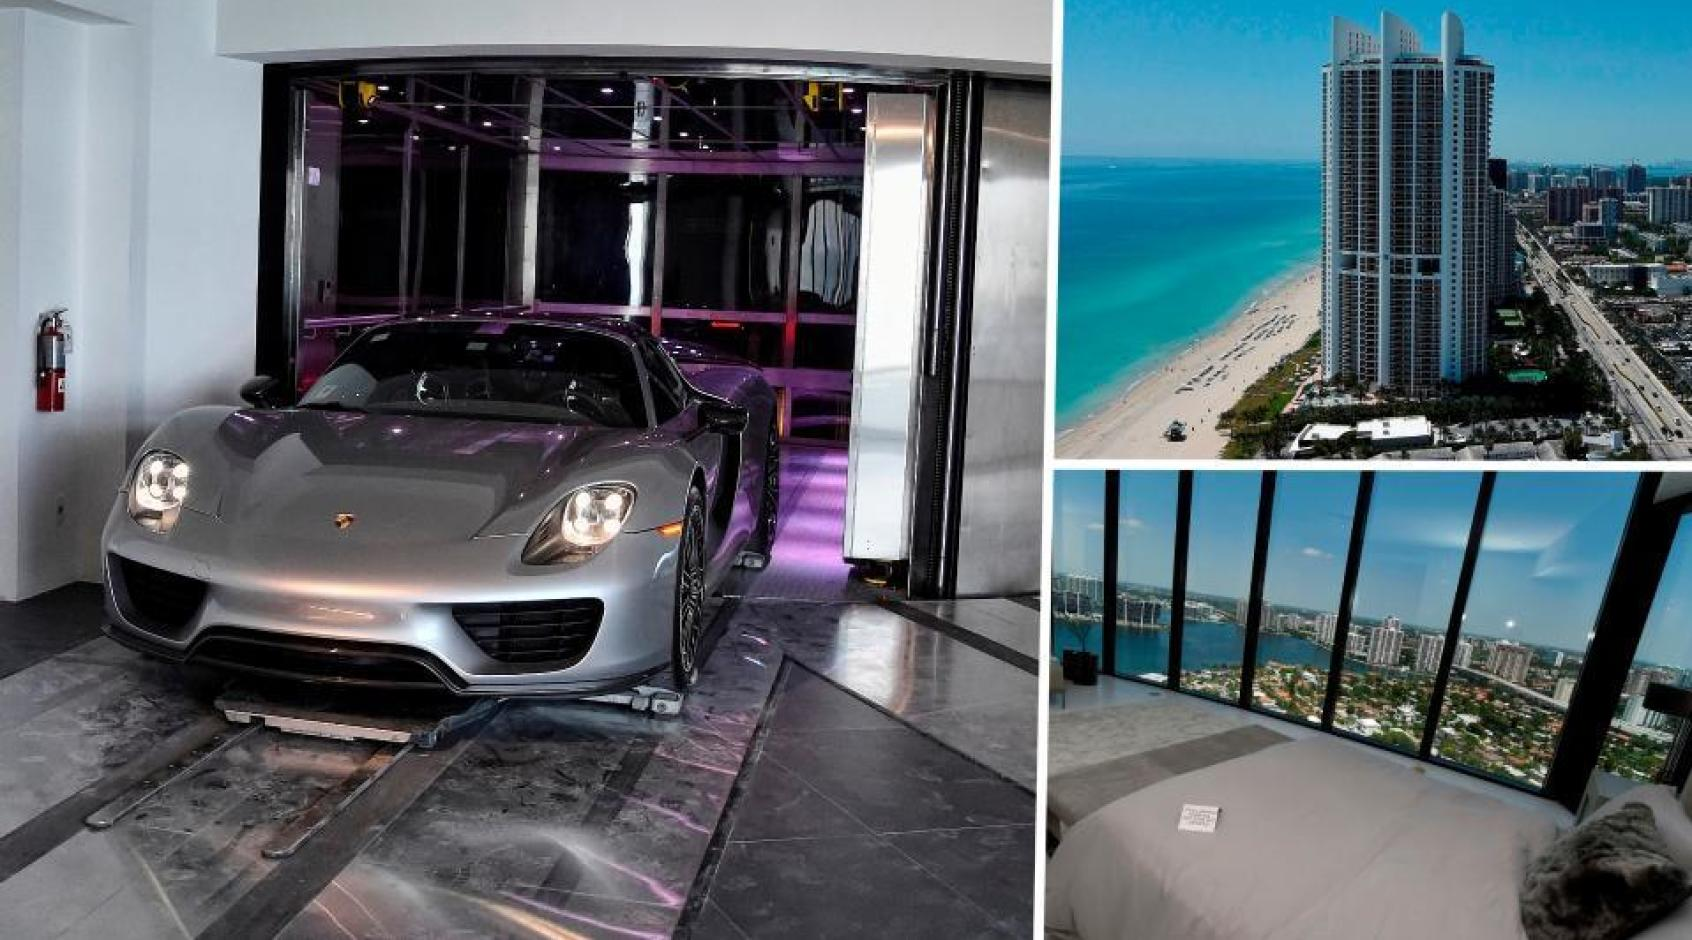 Как выглядит квартира в Майами, за которую Лионель Месси заплатил 8 миллионов евро (Фото, Видео)